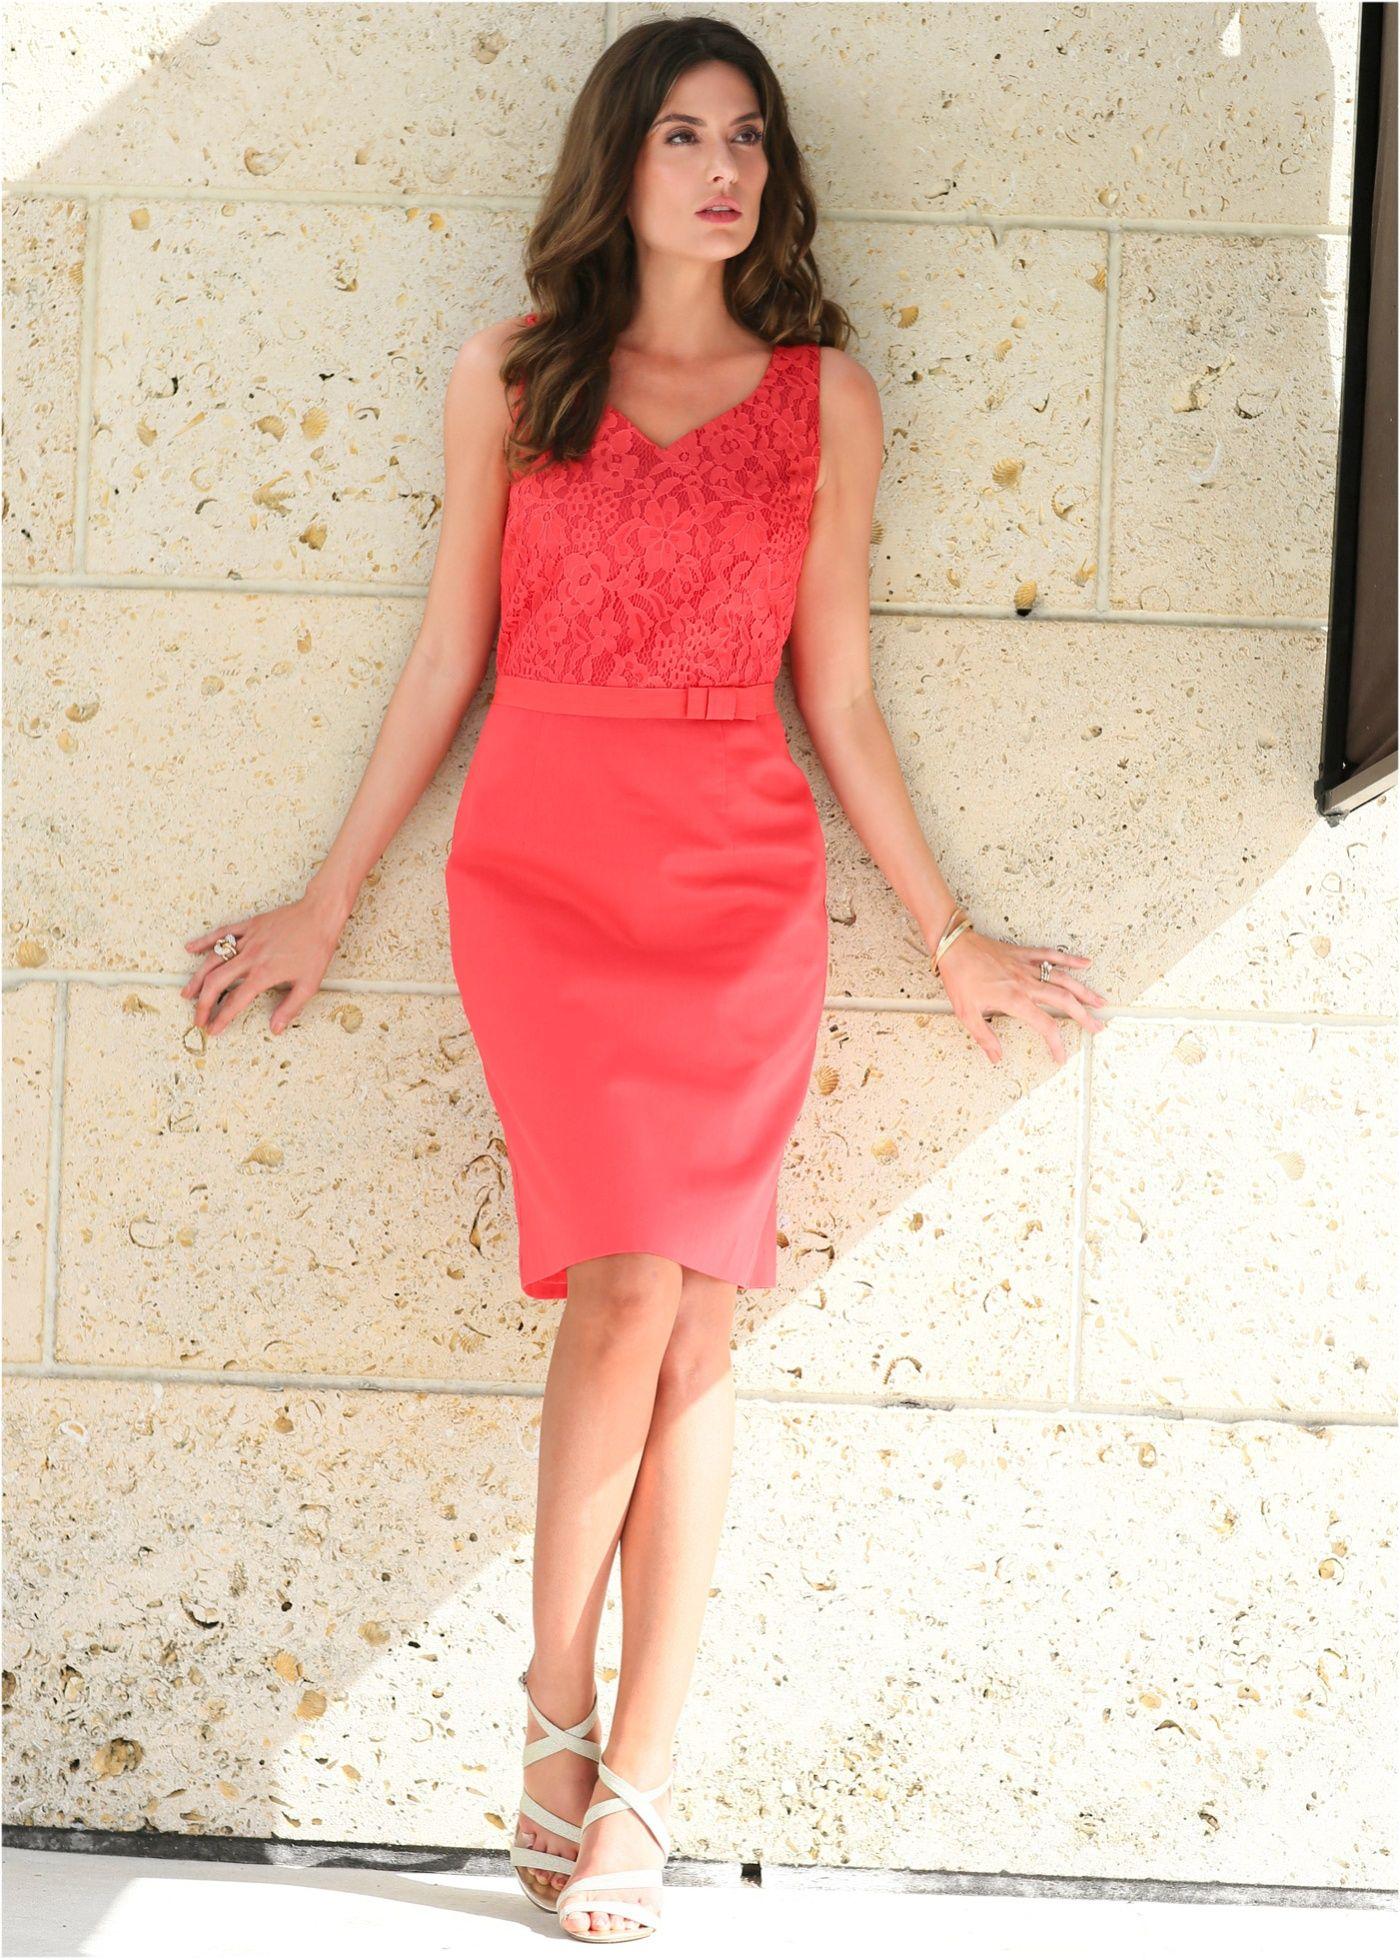 Premium Leinenkleid hummer - bpc selection premium jetzt im Online ...